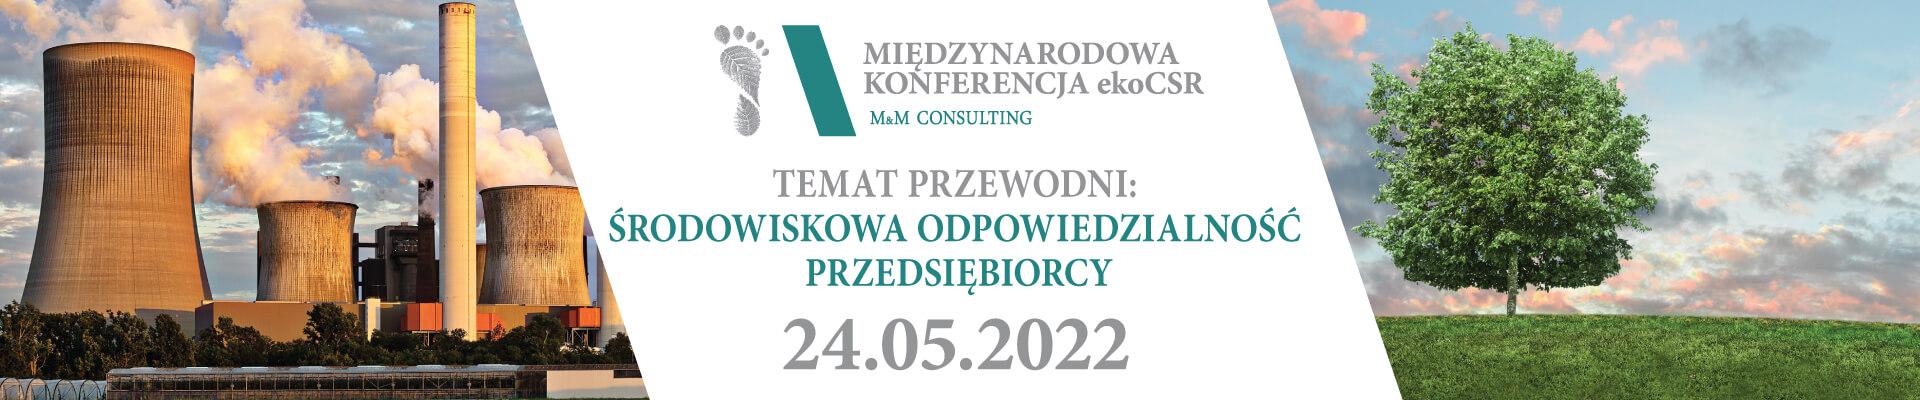 Międzynarodowa Konferencja ekoCSR 2022 - PL